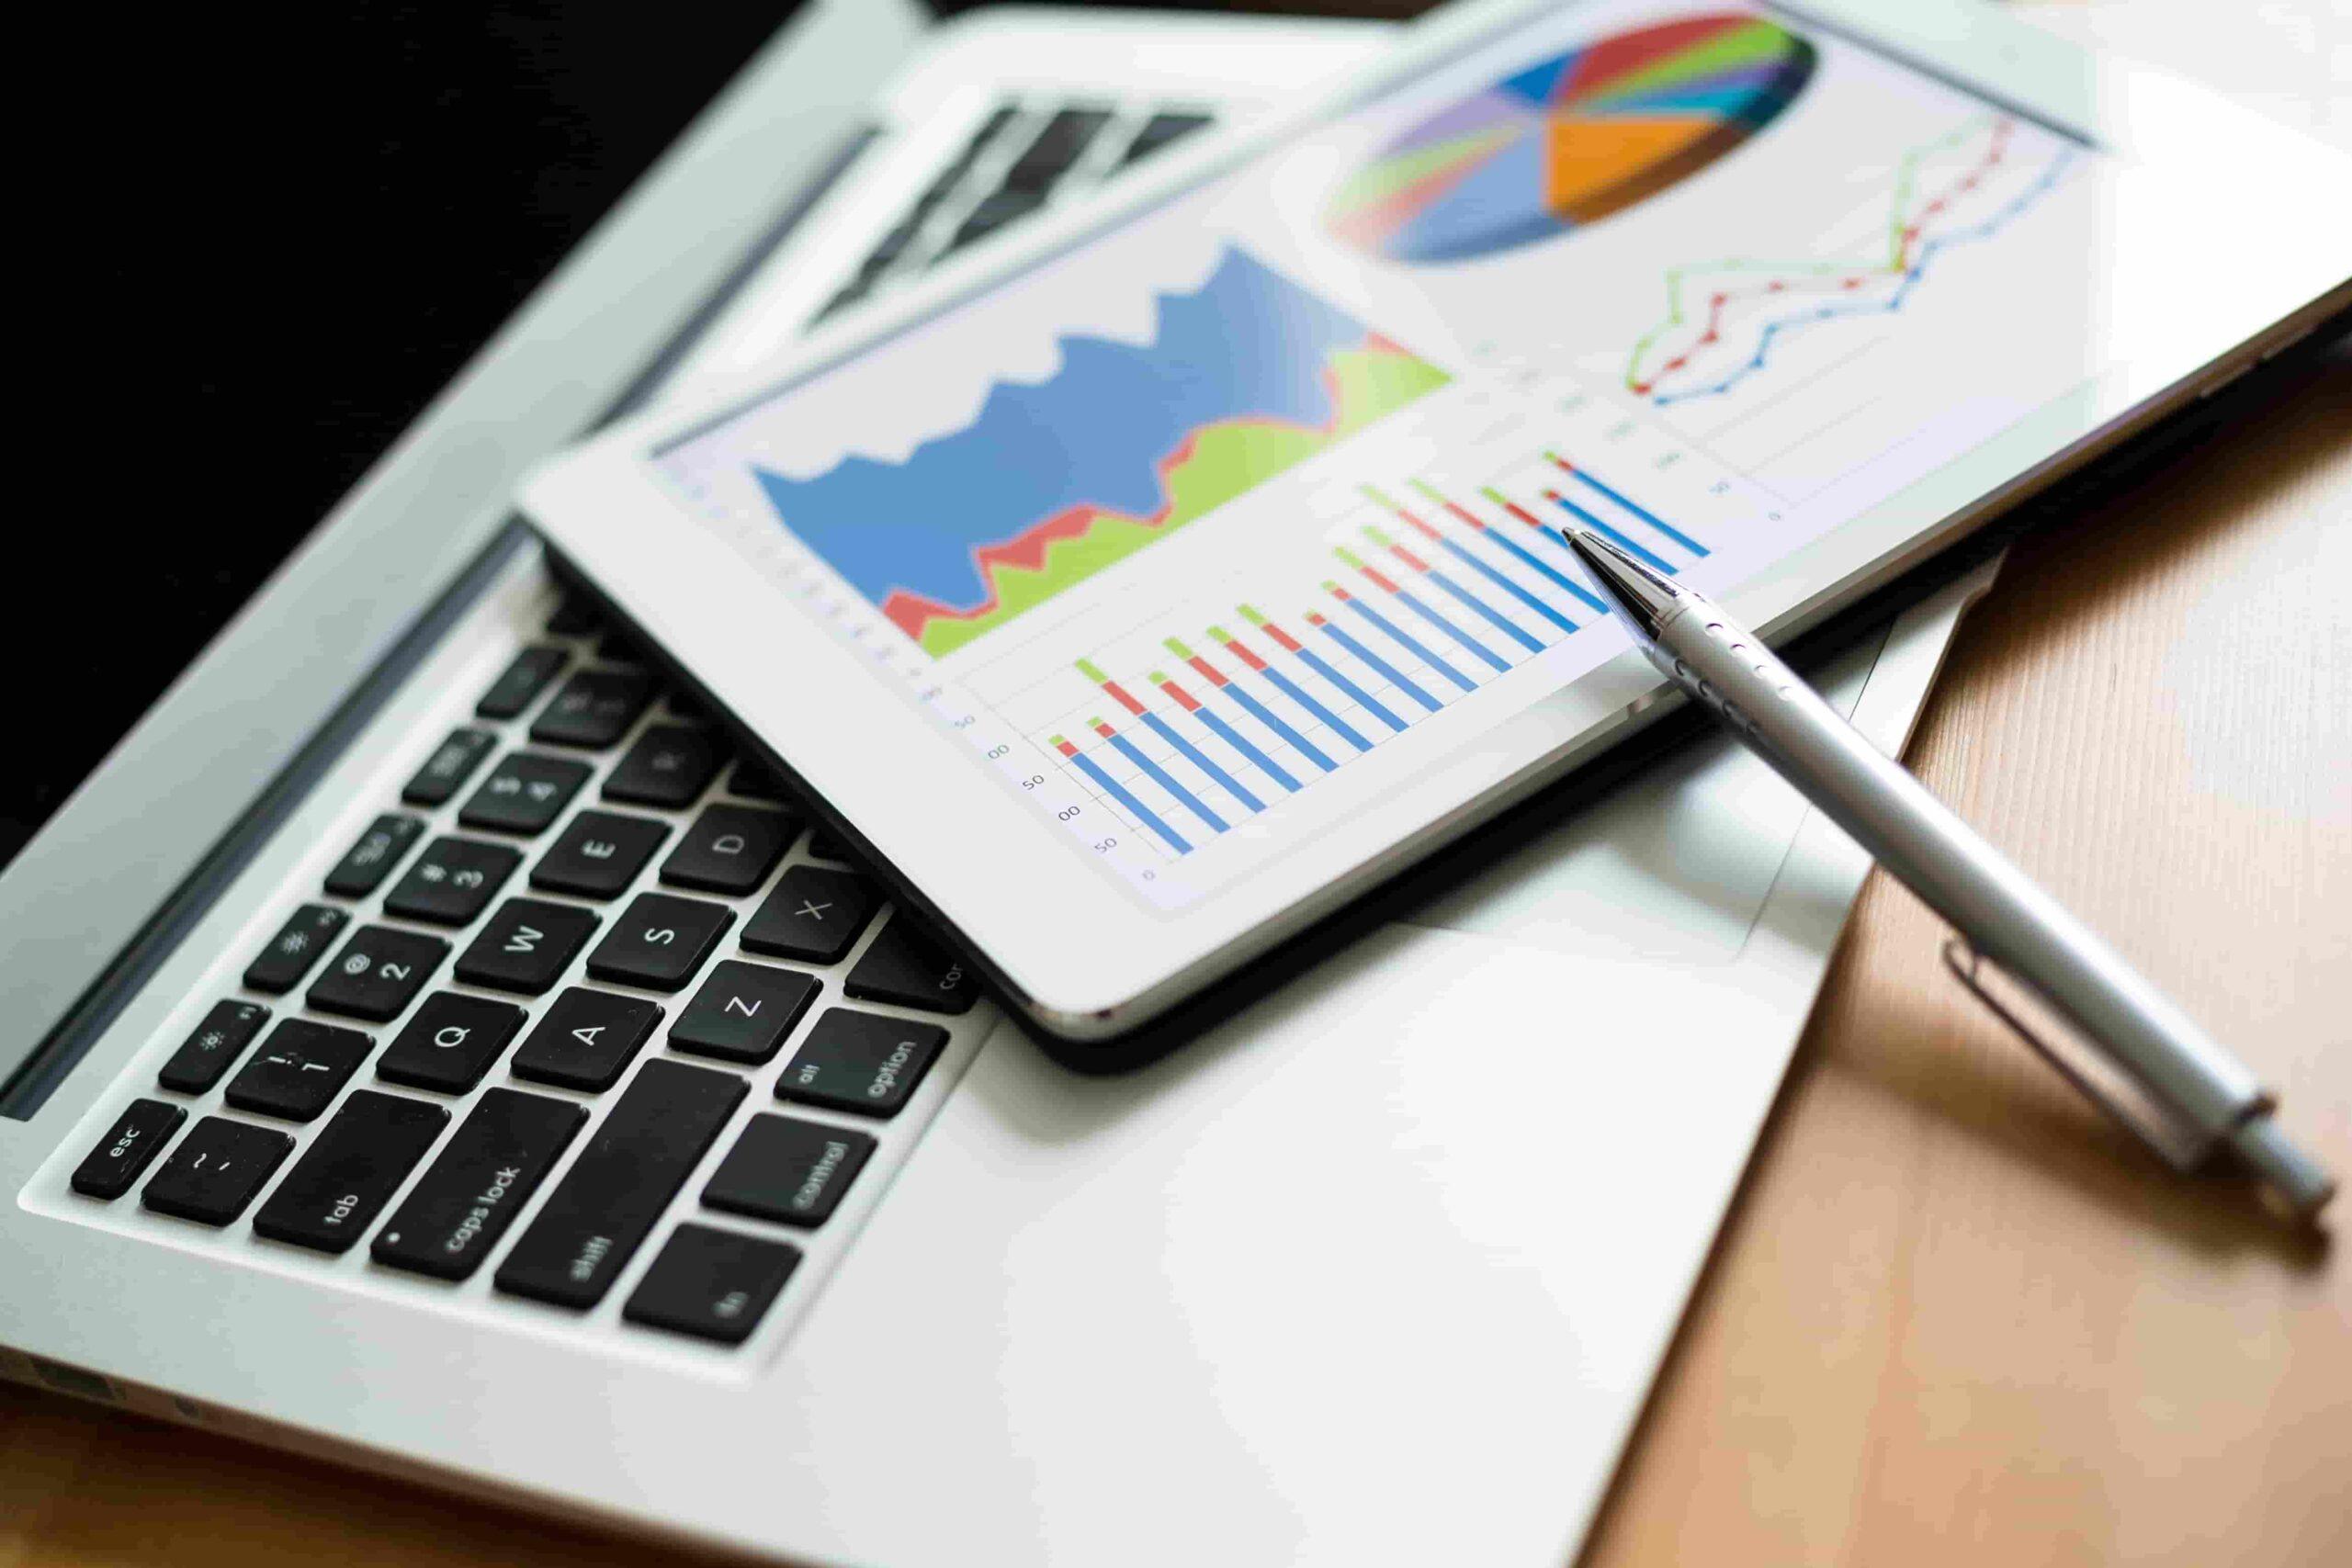 10 Best Laptops For Finance Majors in 2021